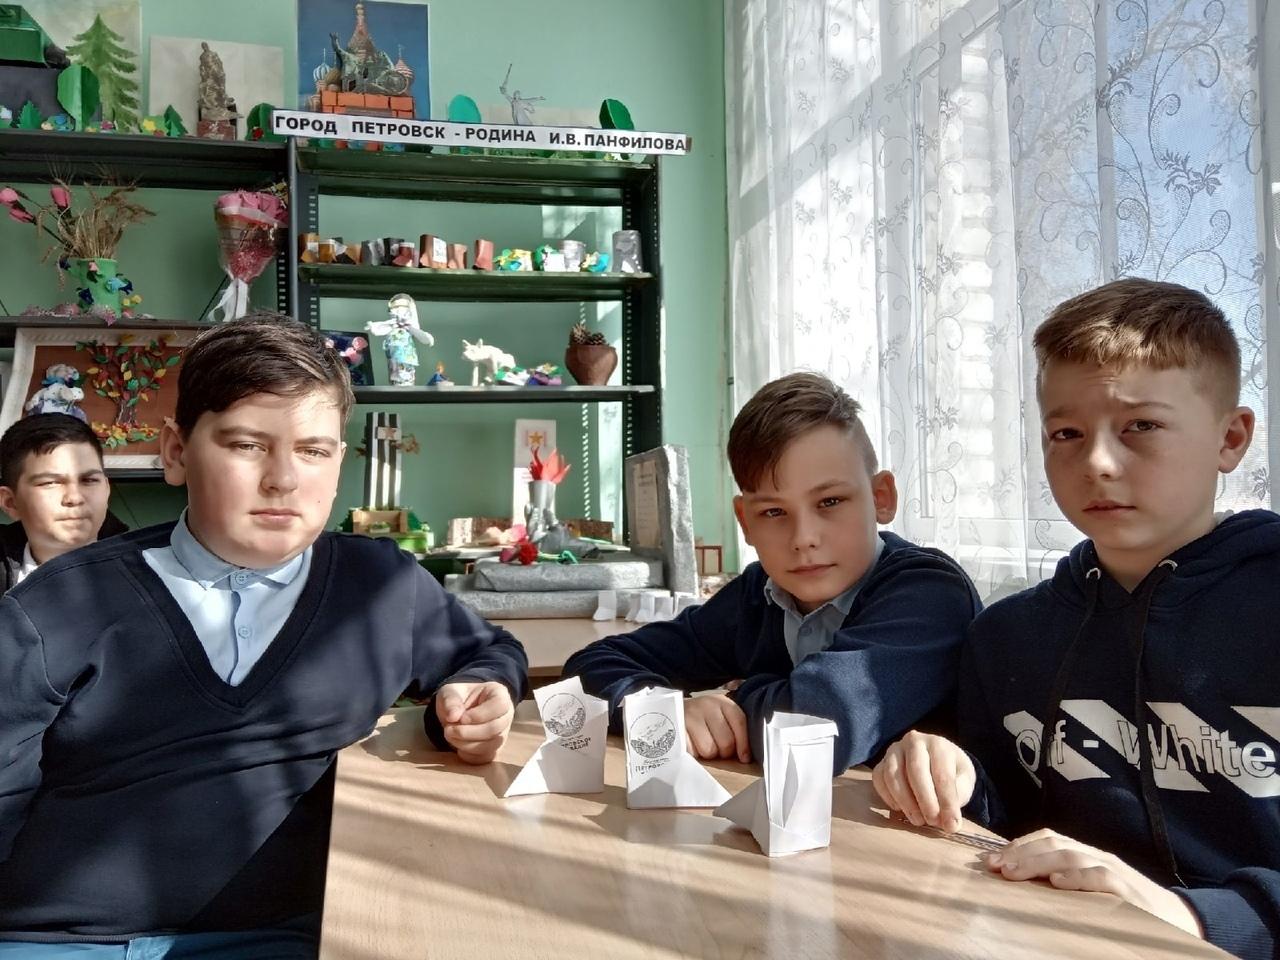 В школе №8 города Петровска участники очного этапа Мартыновских чтений продолжают защиту проектов